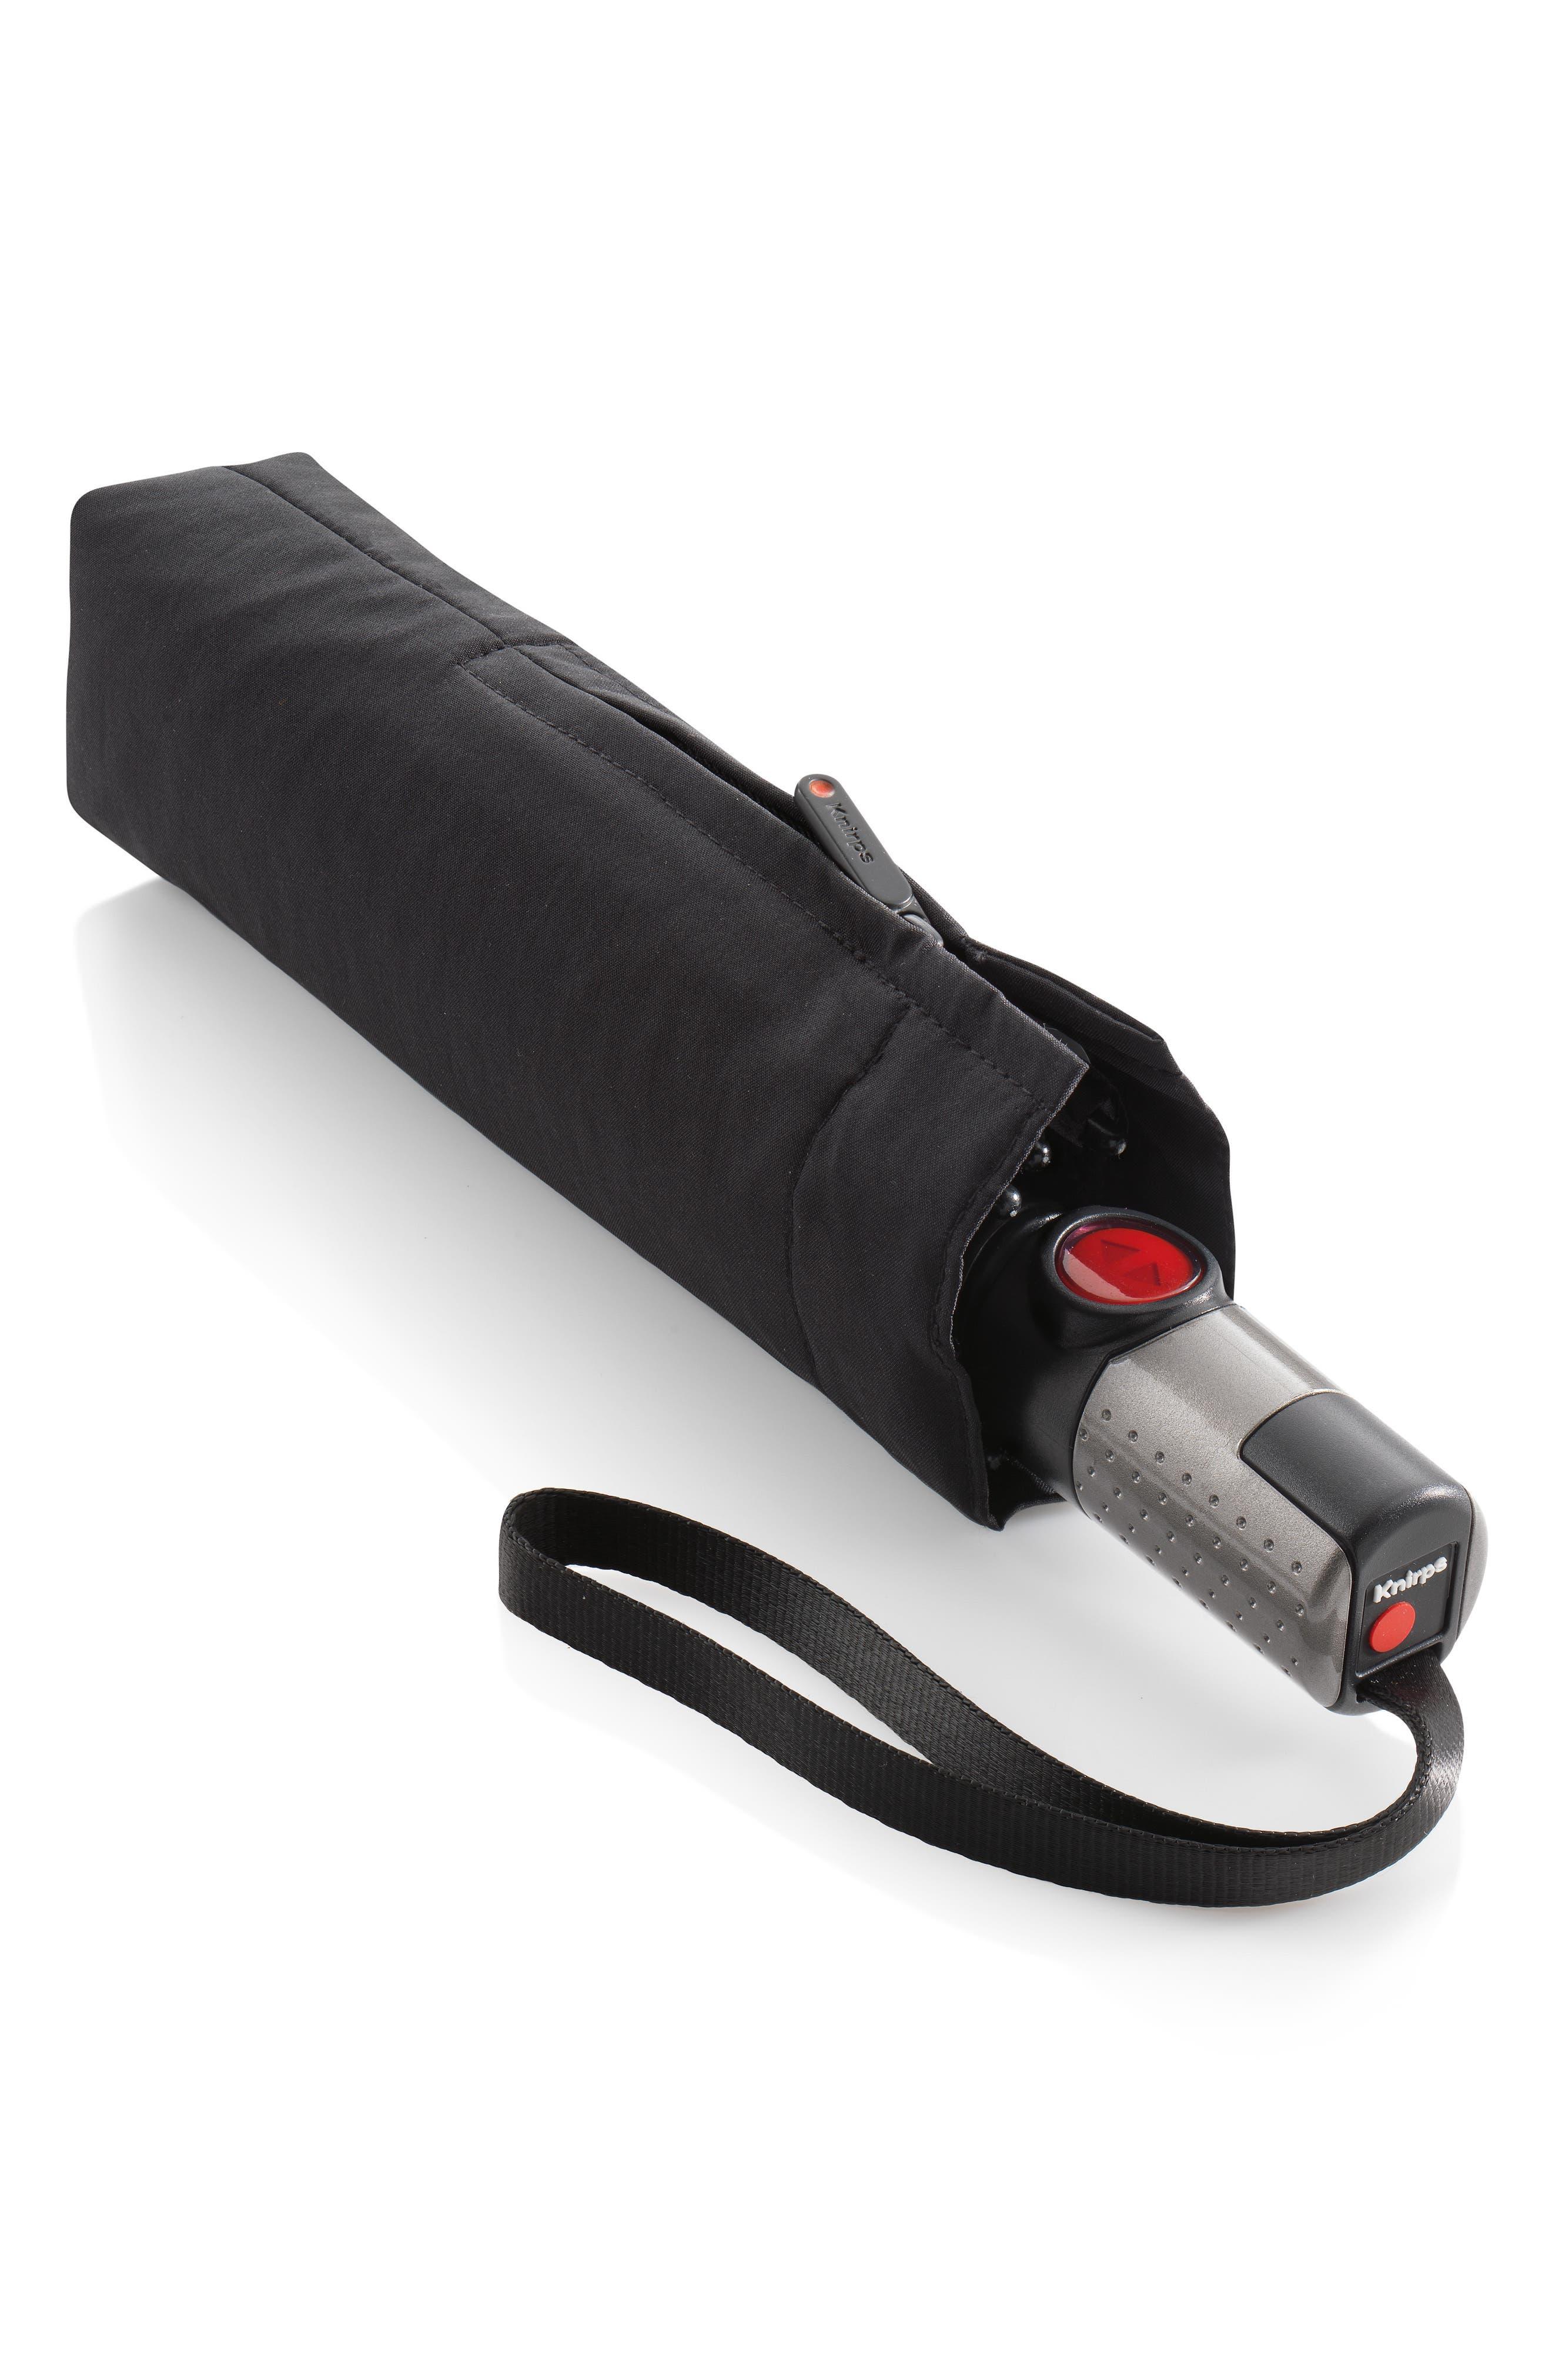 T200 Auto Open/Close Umbrella,                             Main thumbnail 1, color,                             BLACK